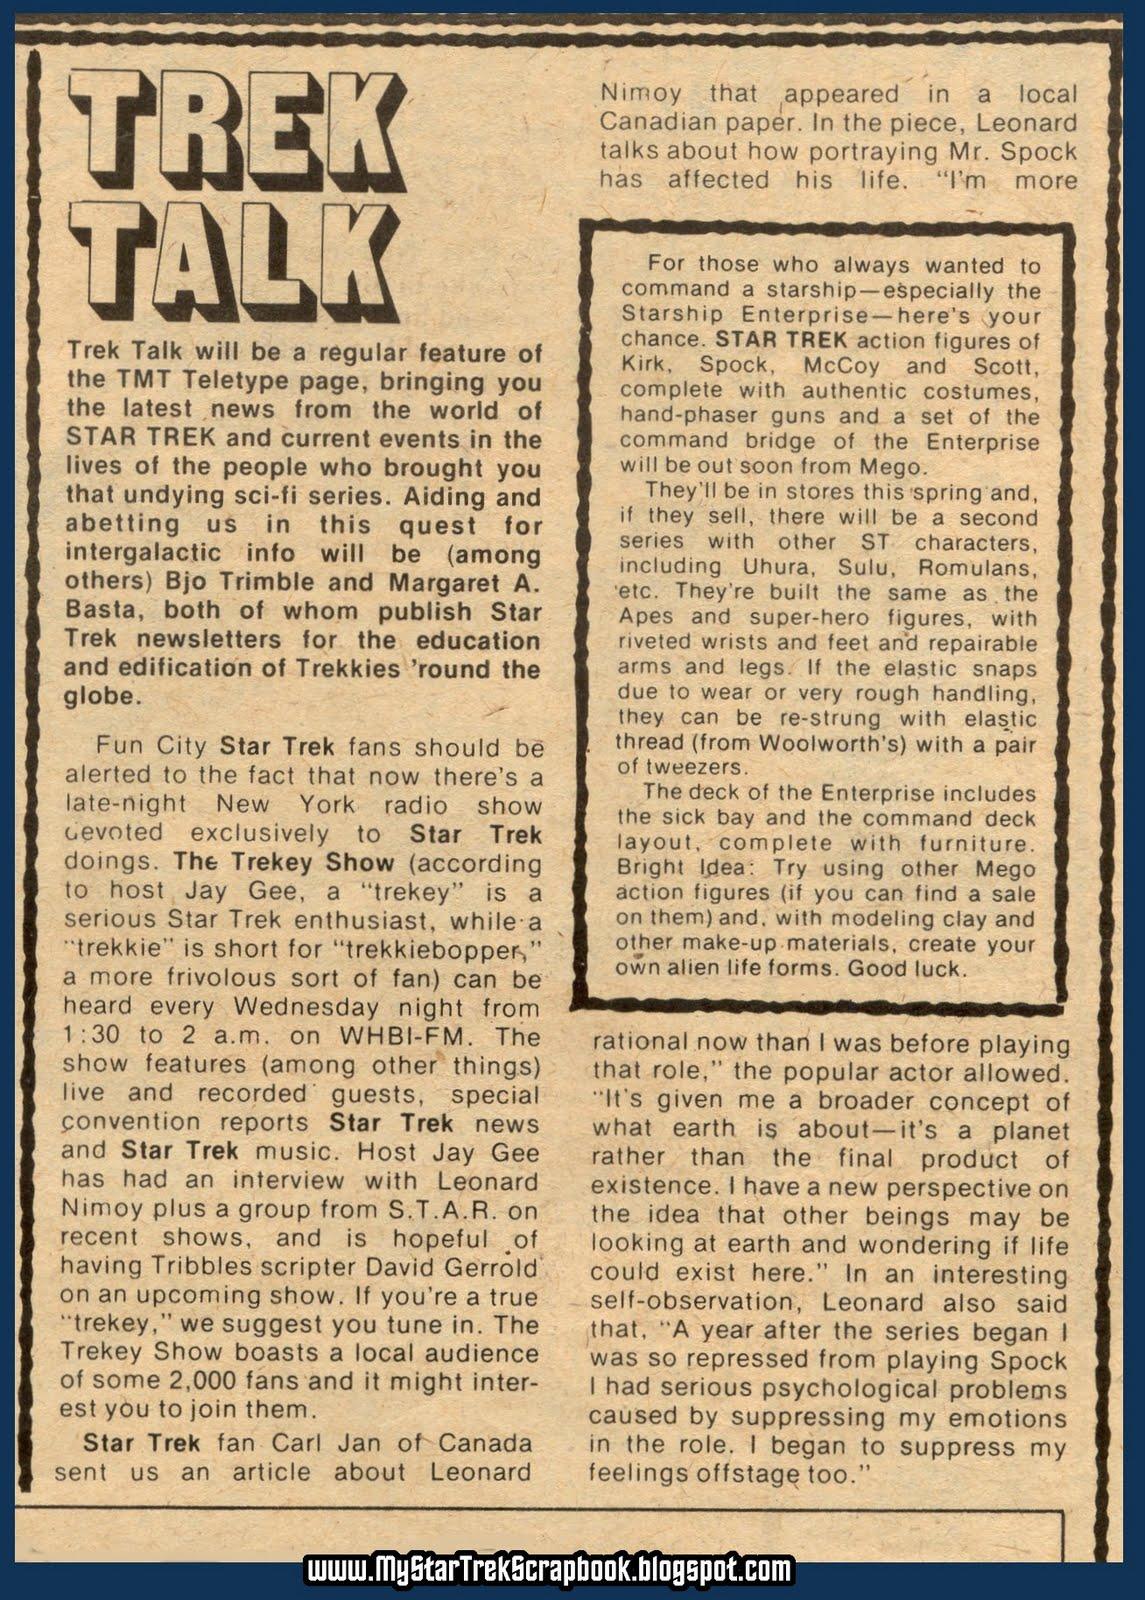 [trek_talk_may_75_issue_41.jpg]